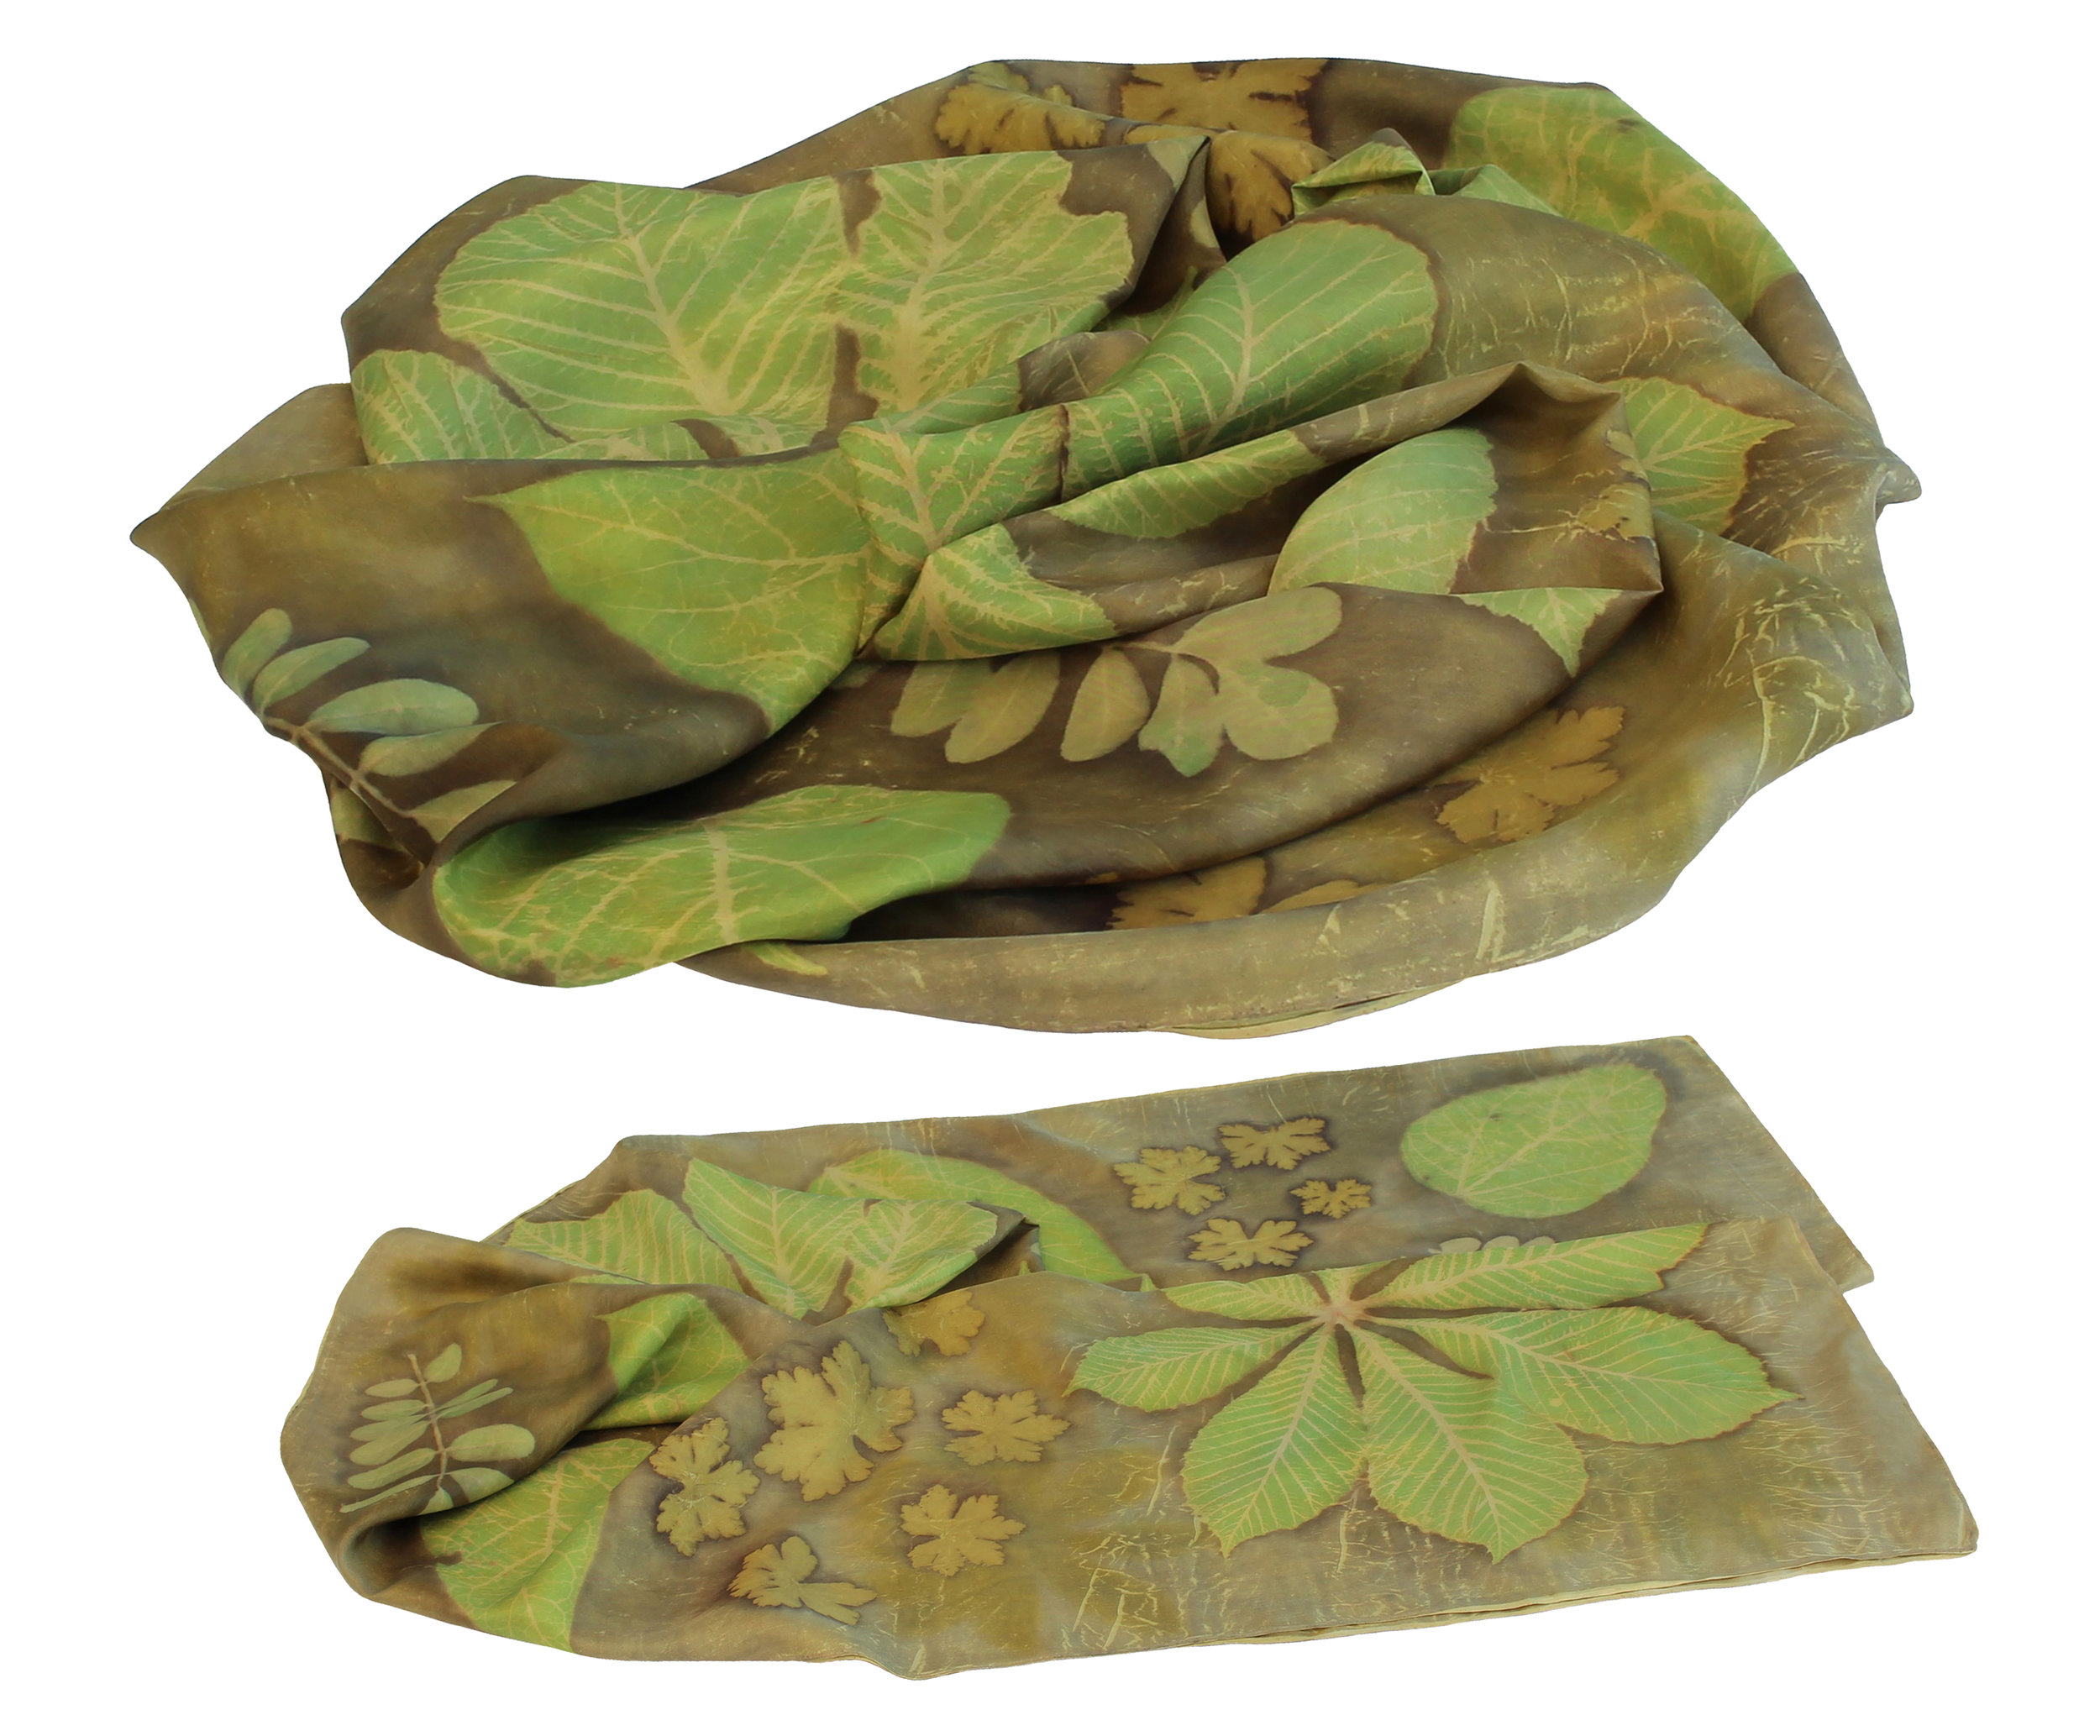 Acacia, Chestnut, Locust and Catalpa